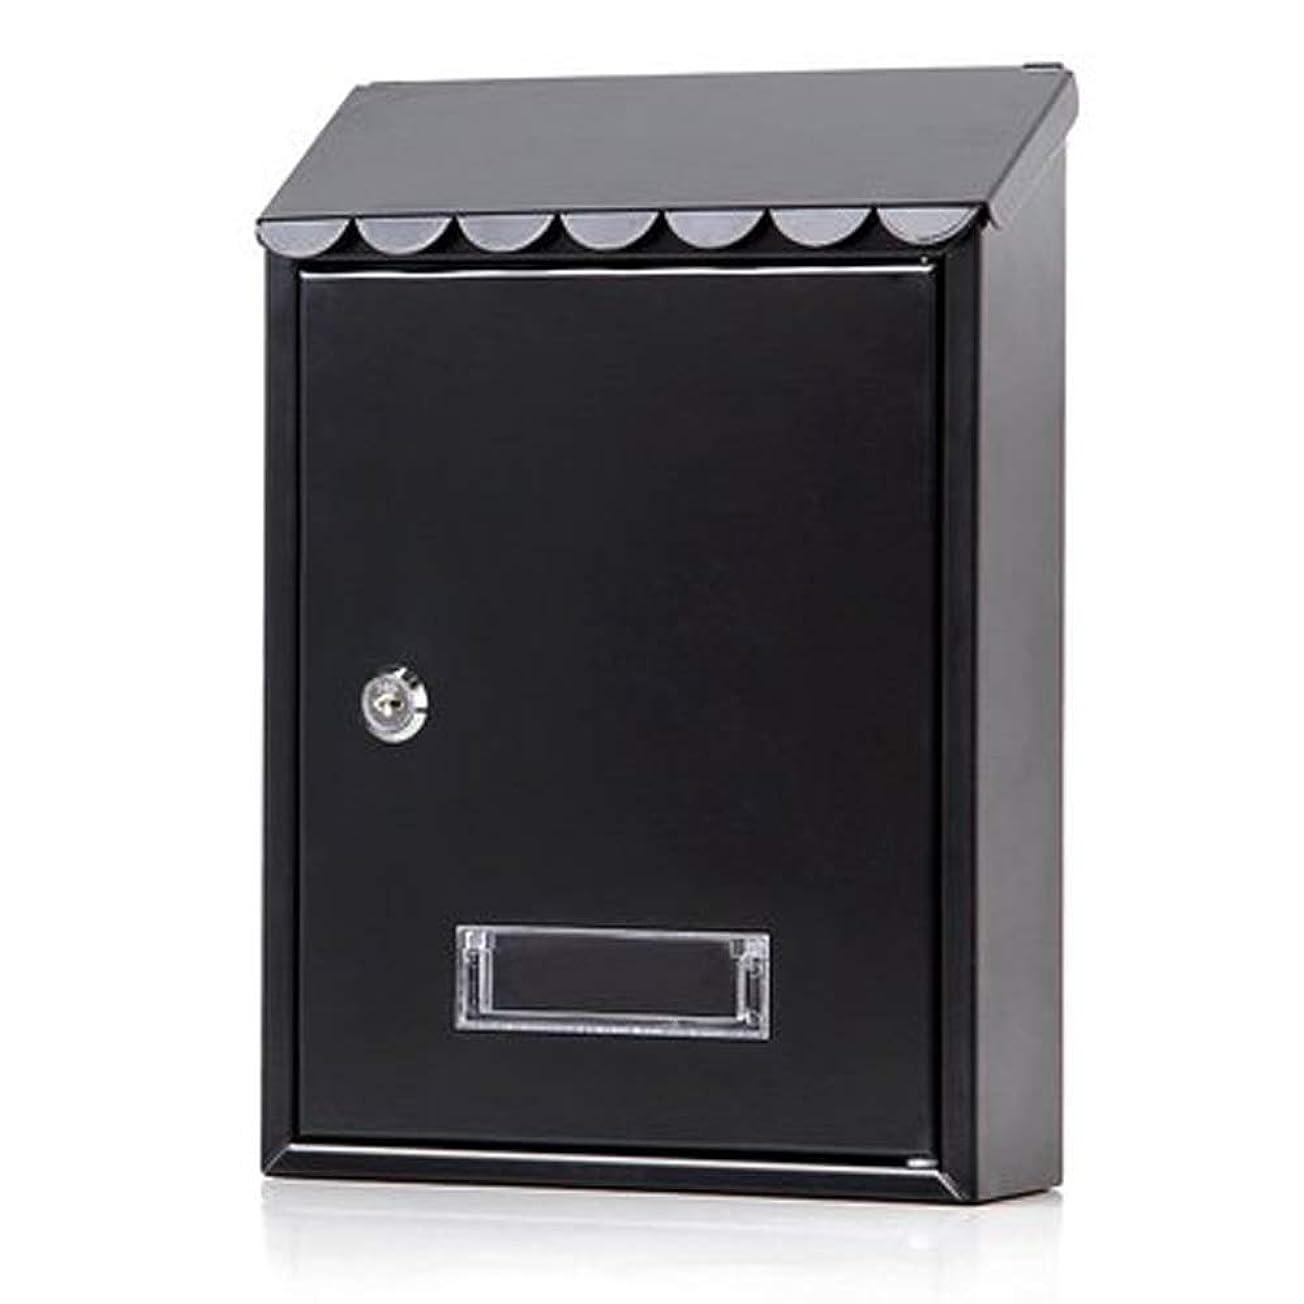 すべき争い表現SHYPwM レポートボックスパスワードロックメールボックス屋外用防水防錆鍛造アイアンメールボックスヨーロッパの提案ボックスクレームボックス